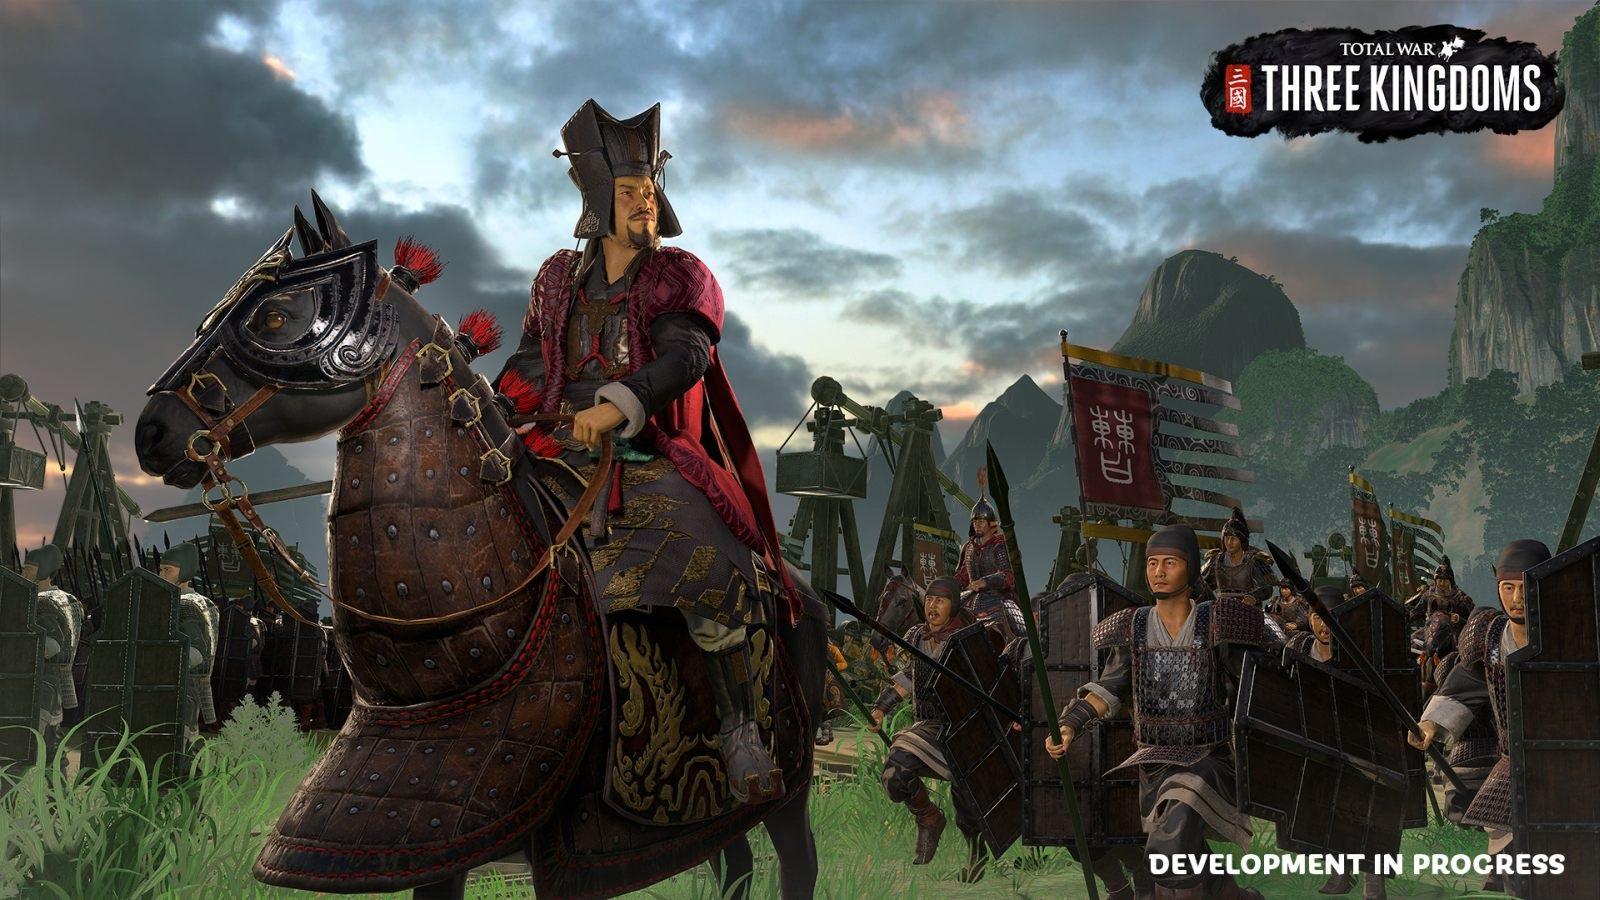 Nejočekávanější hry v roce 2019; Total War: Three Kingdoms, screenshot: Cao Cao